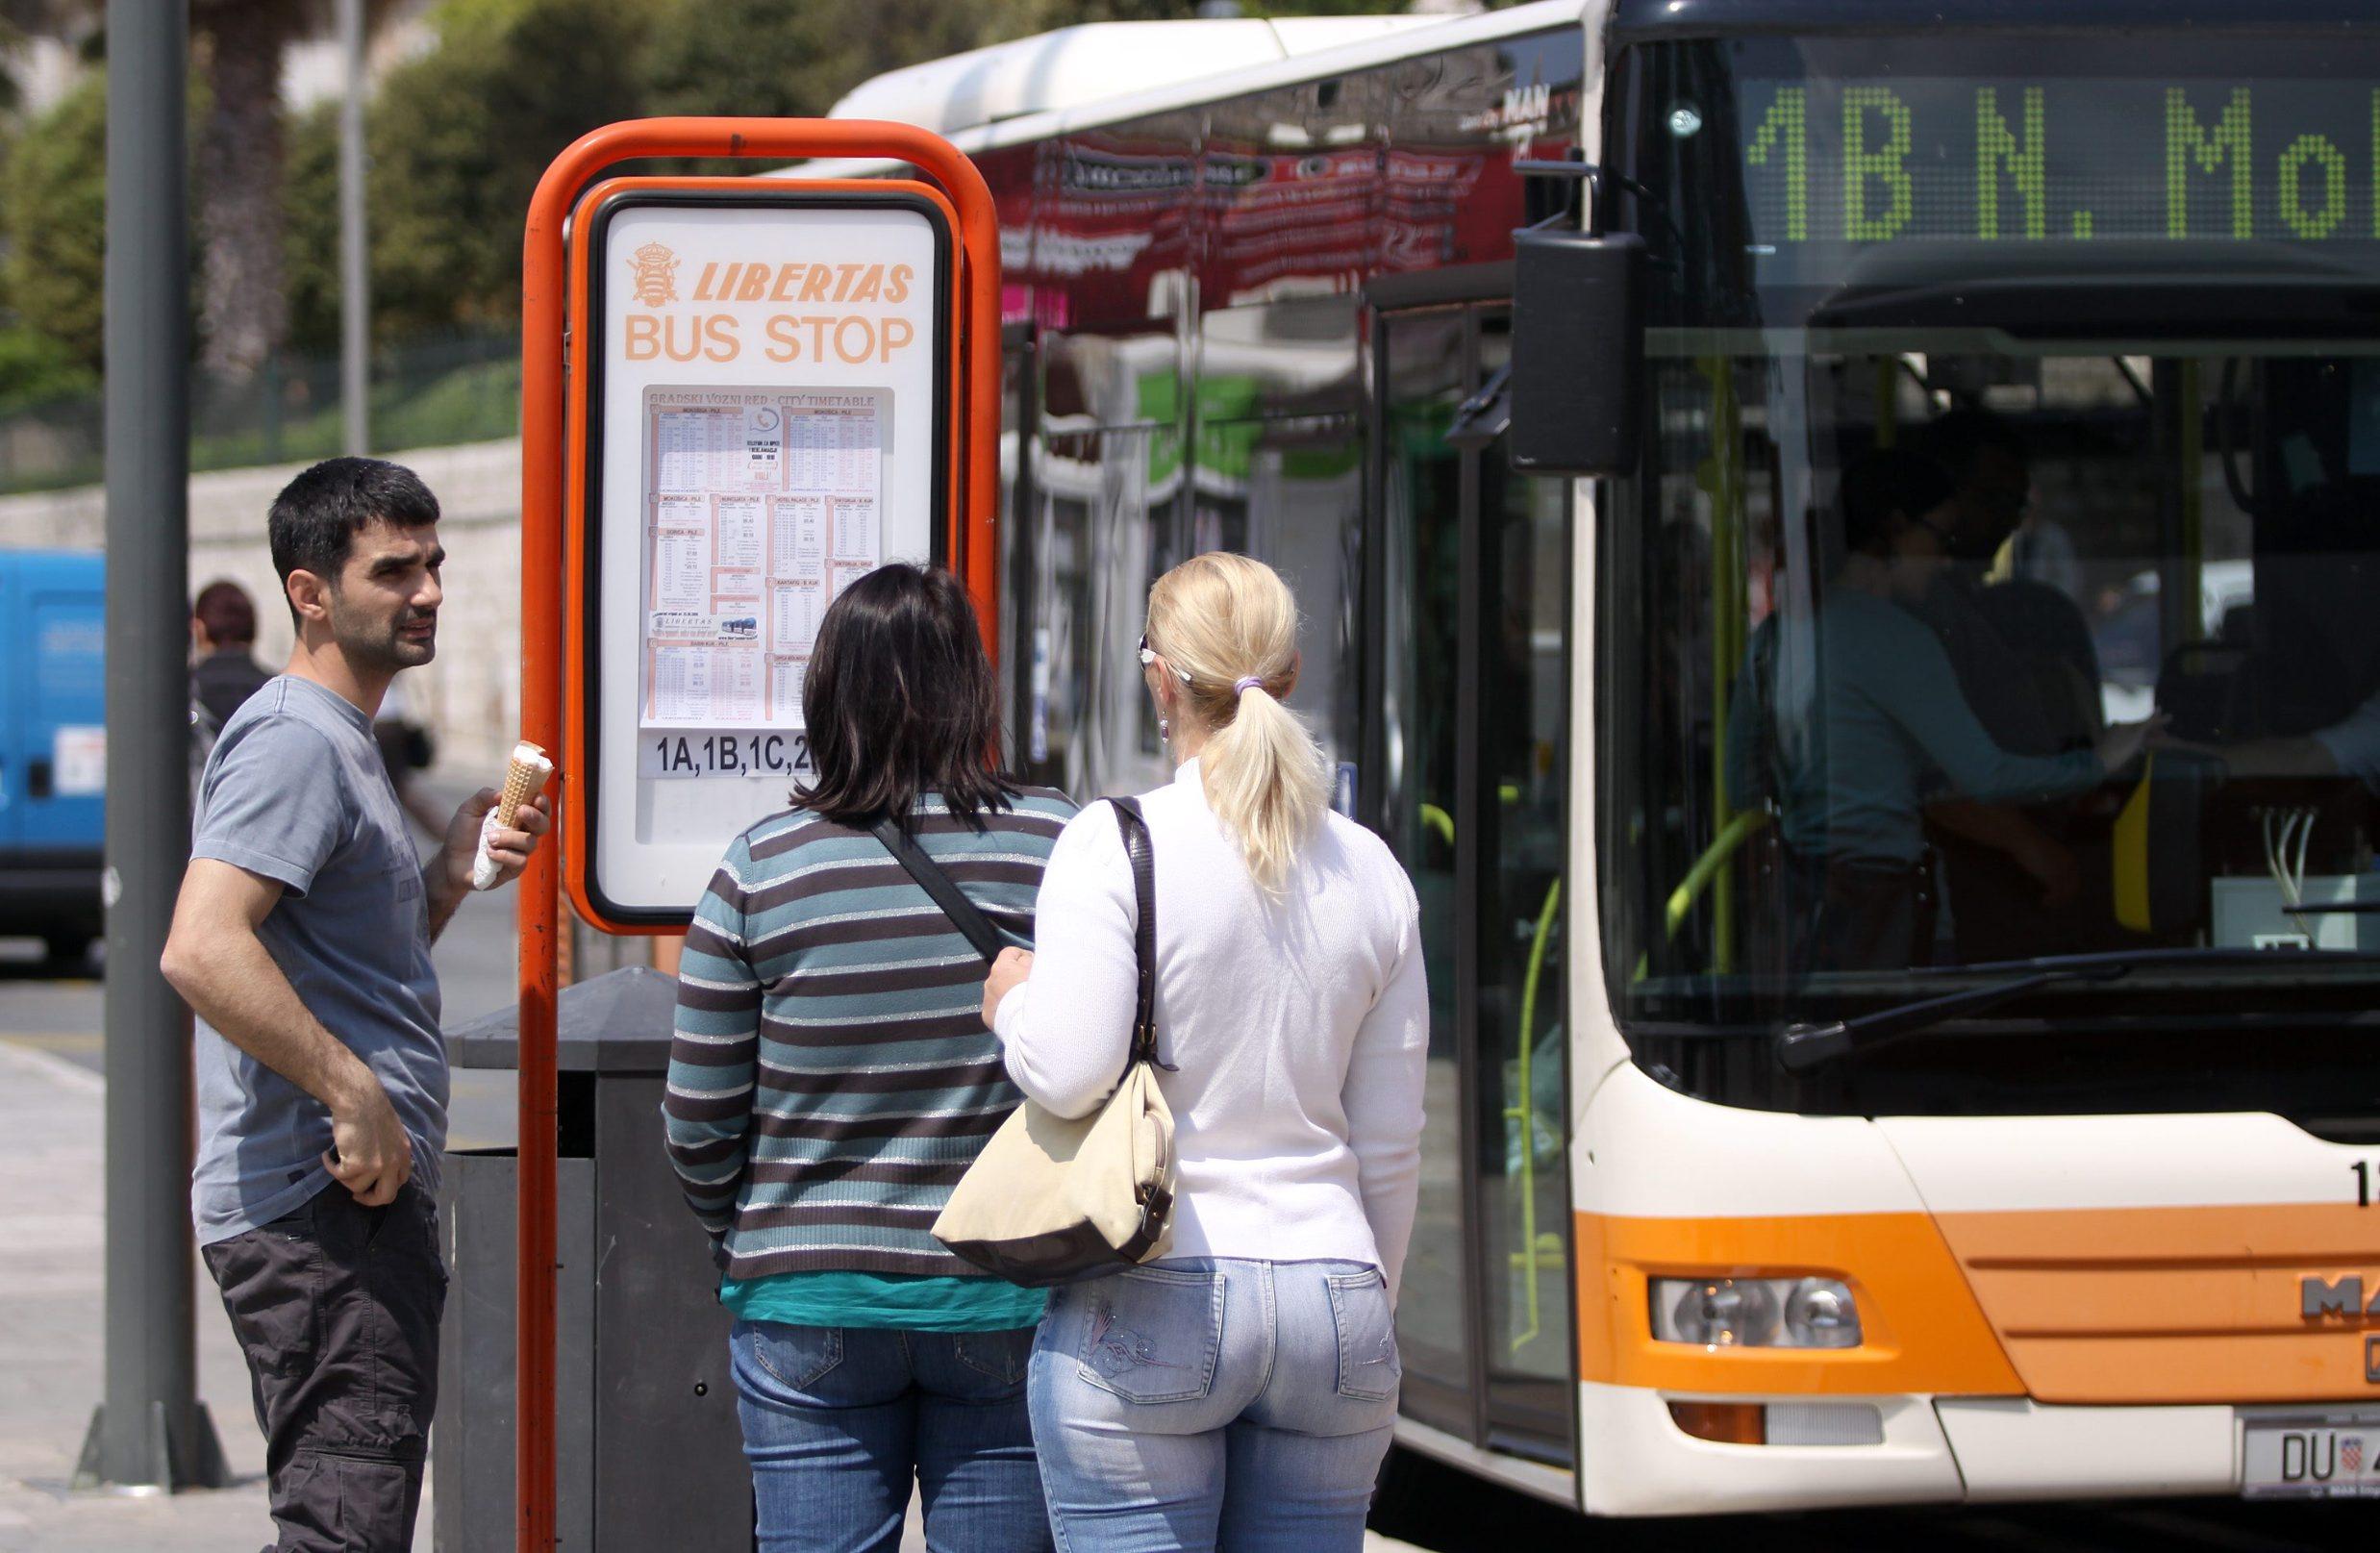 Autobusi JGP-a Libertas na Pilama i ukrcaj putnika